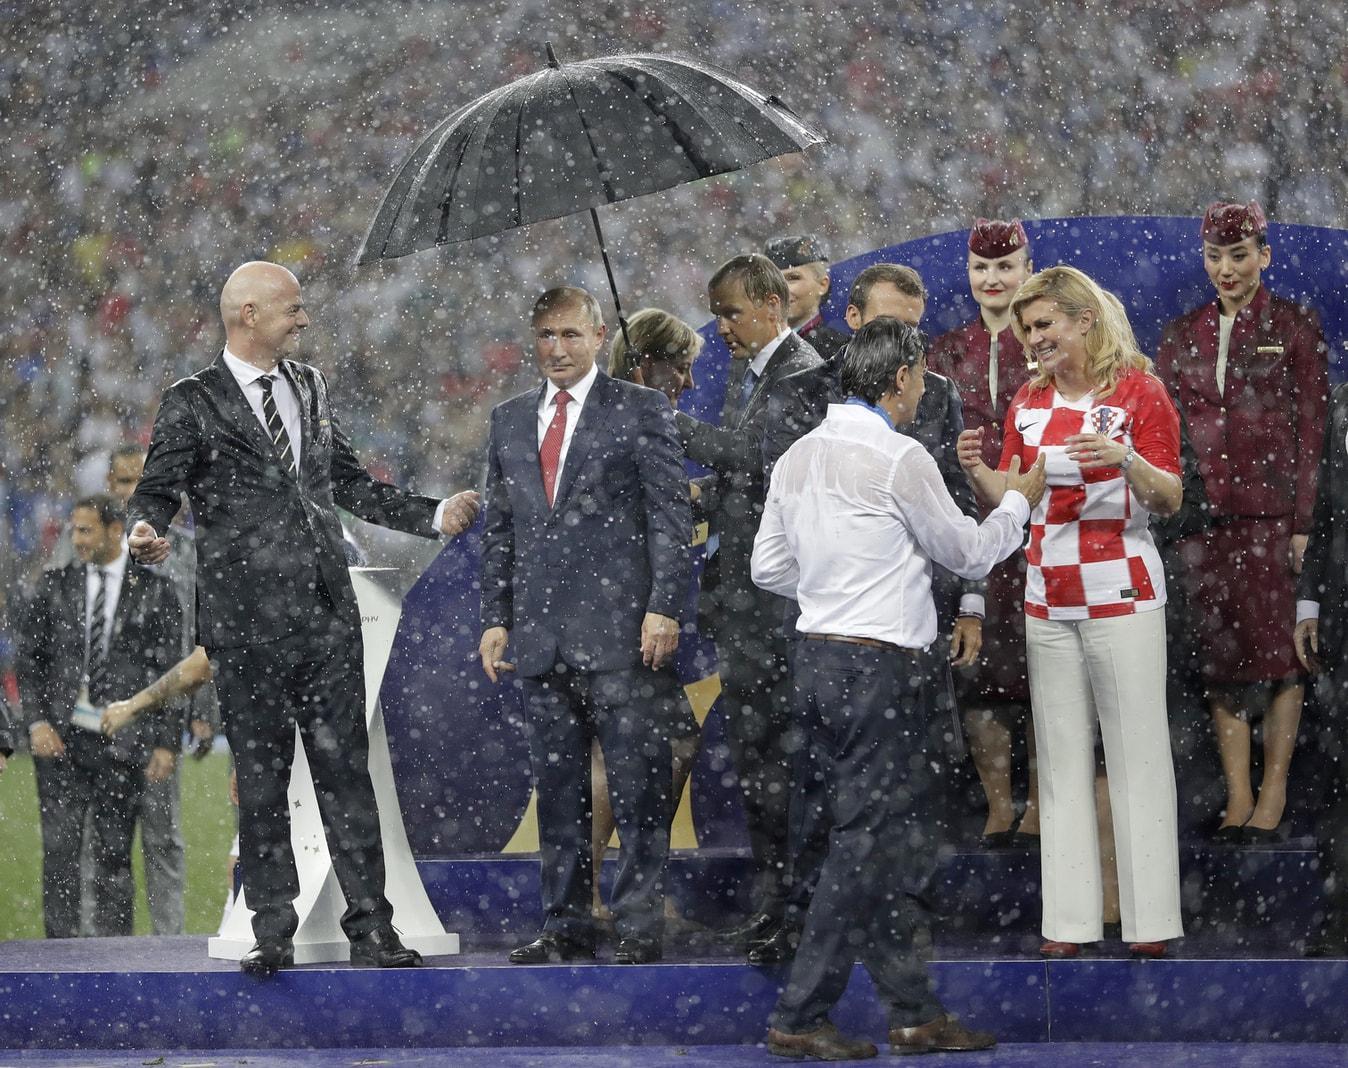 <p>Das WM-Finale ist beendet. Frankreich ist nach dem 4:2-Sieg über Kroatien neuer Weltmeister. Es geht weiter mit der Pokal-Übergabe und dabei entsteht ein Bild